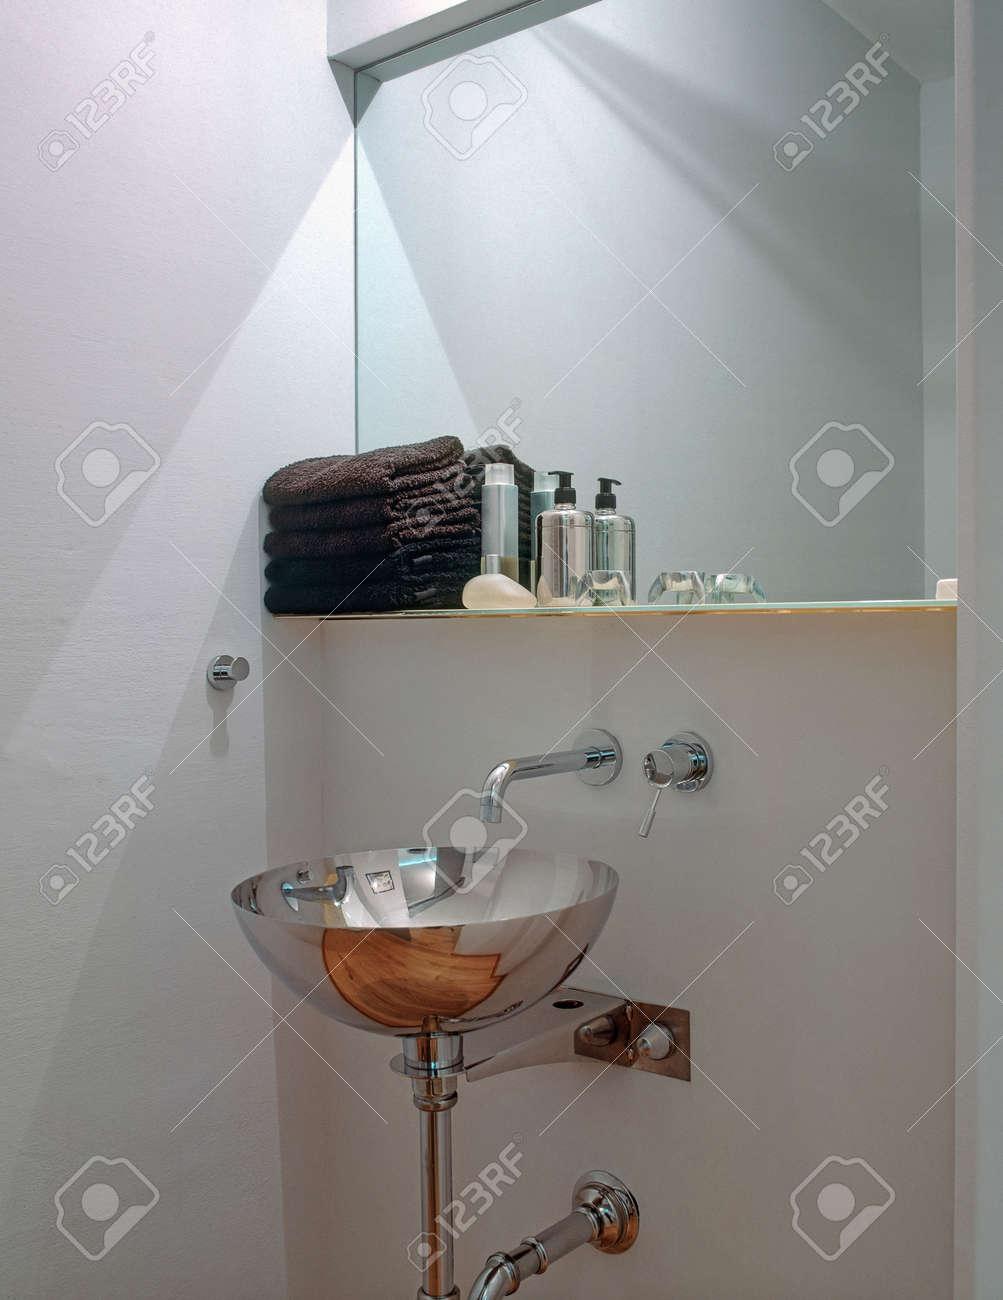 Lavabi In Acciaio Bagno.Immagini Stock Primo Piano Lavabo In Acciaio In Un Bagno Moderno